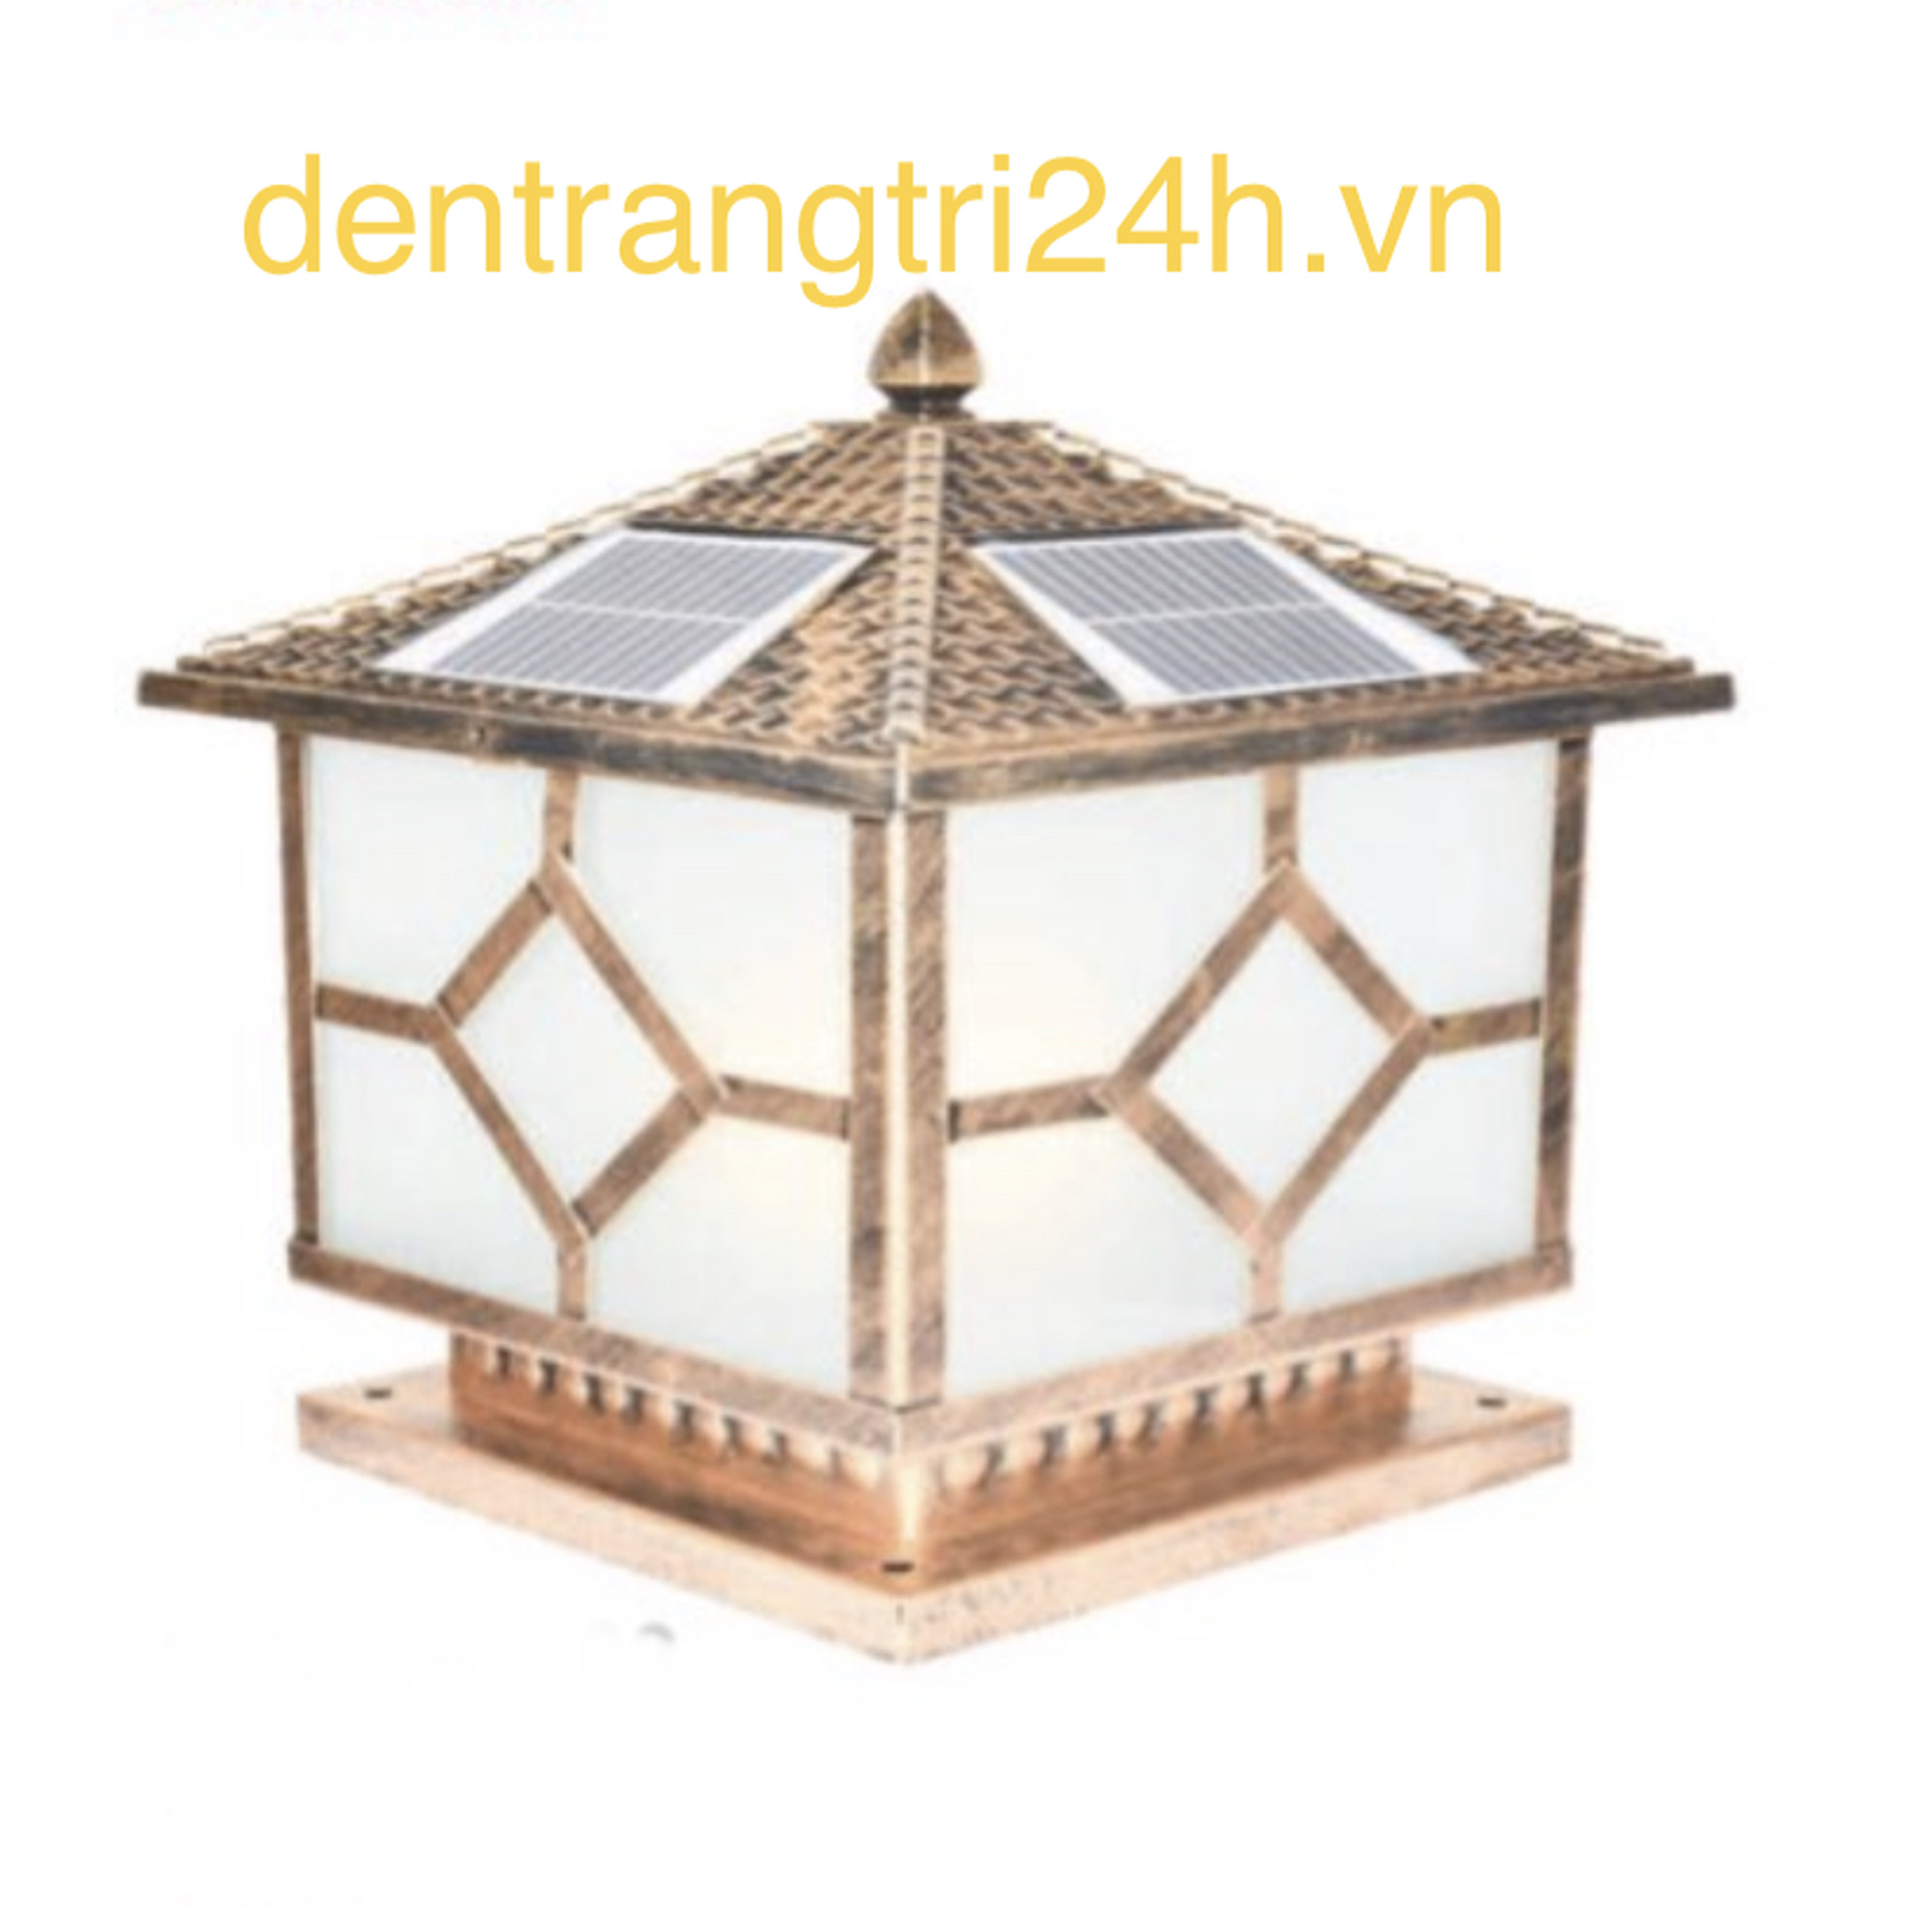 Đèn trụ cổng năng lượng mặt trời CT1 Solar-04  L400xH350